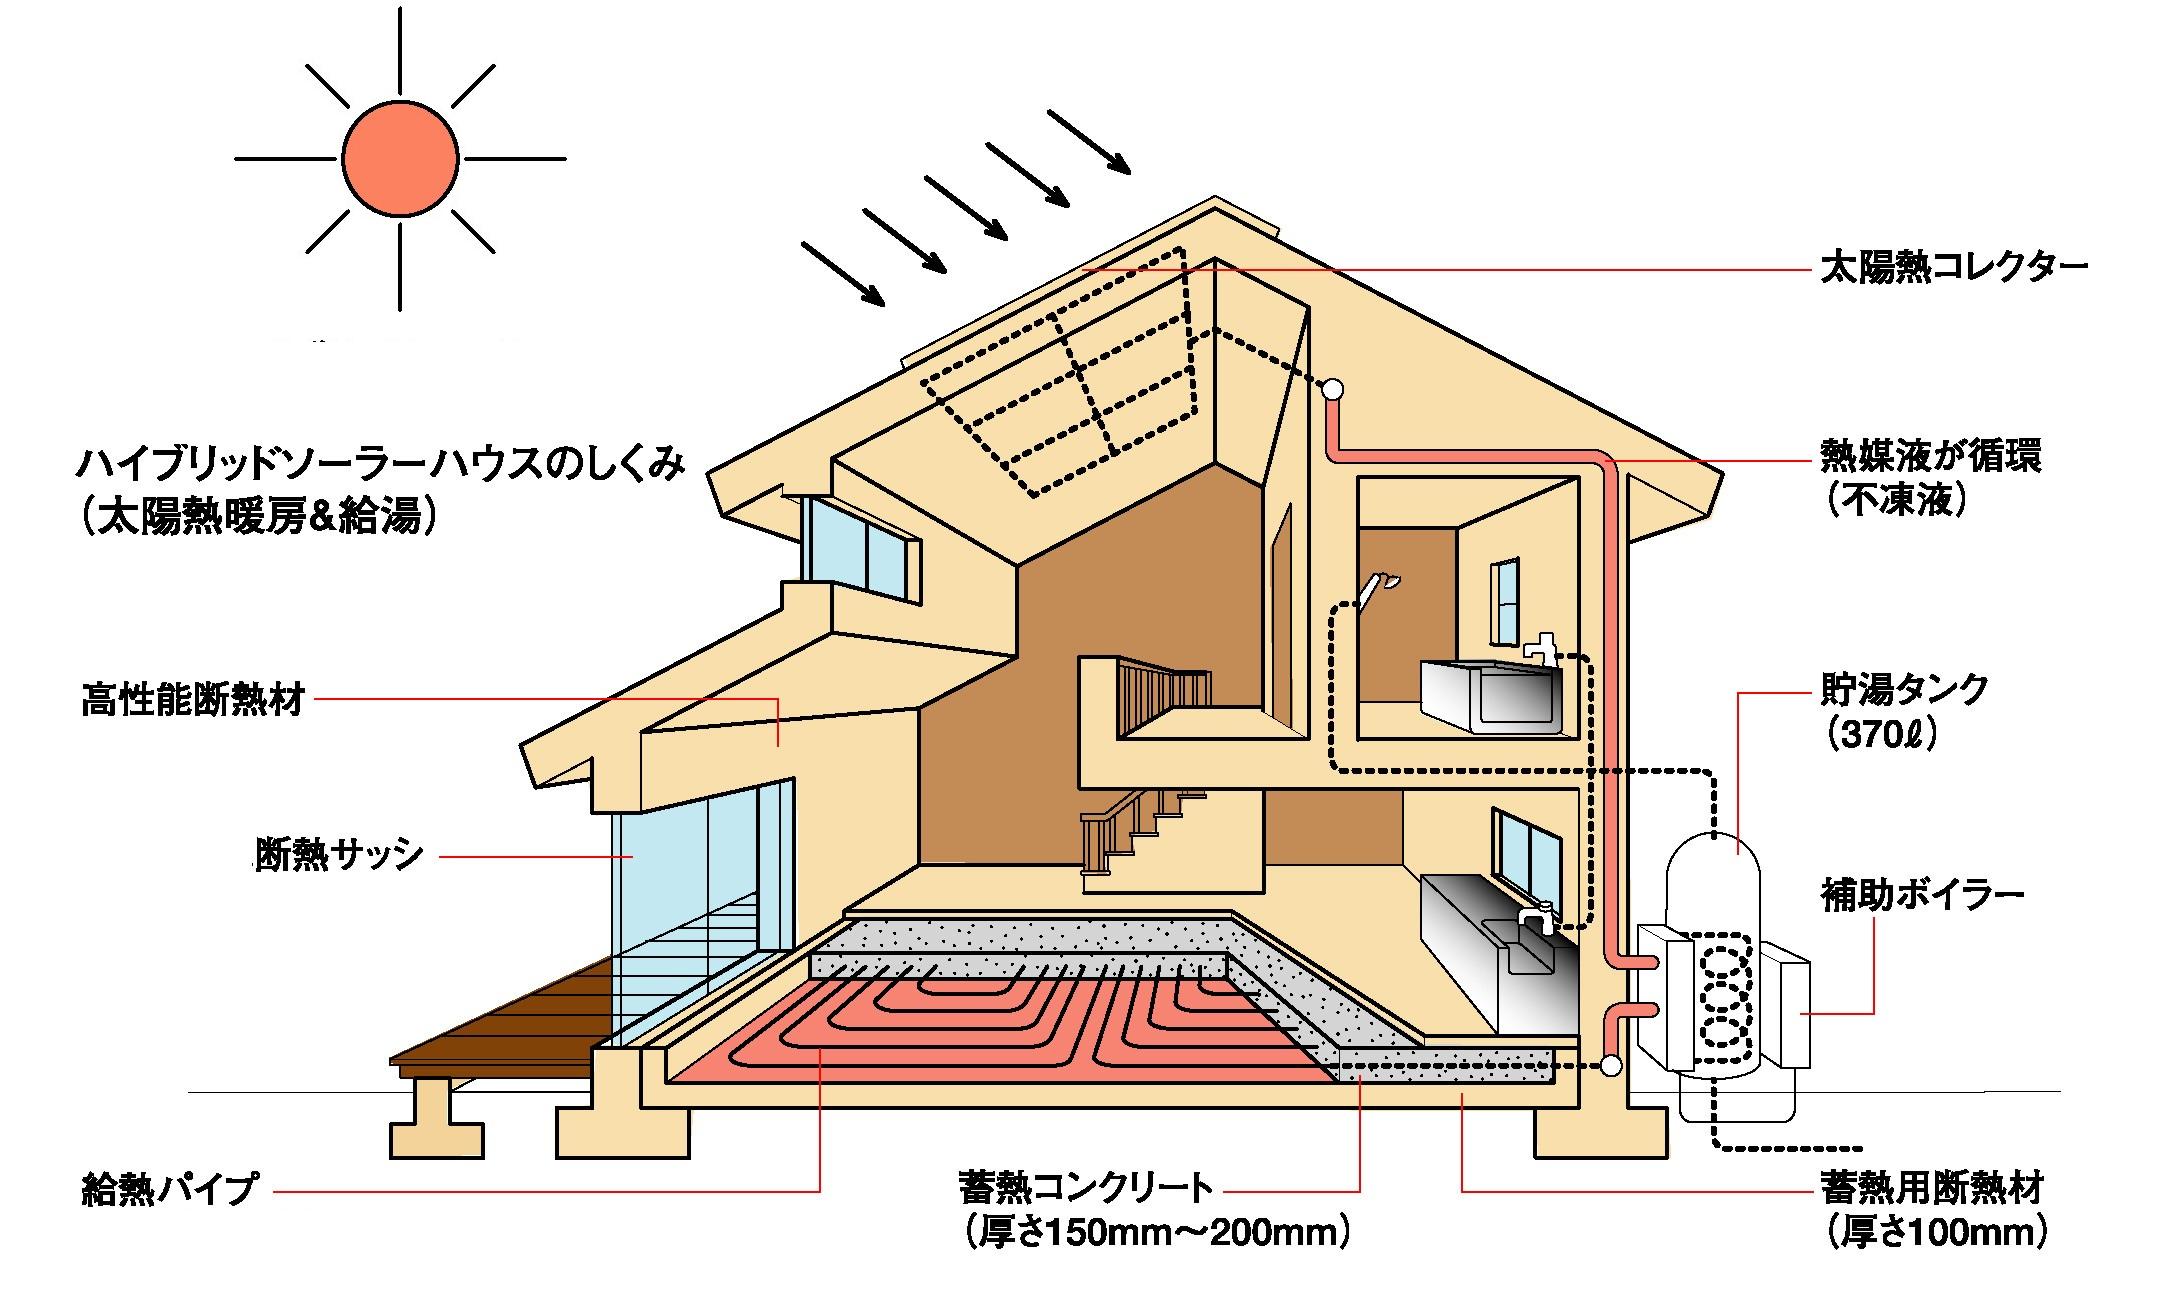 ソーラーハウス画像